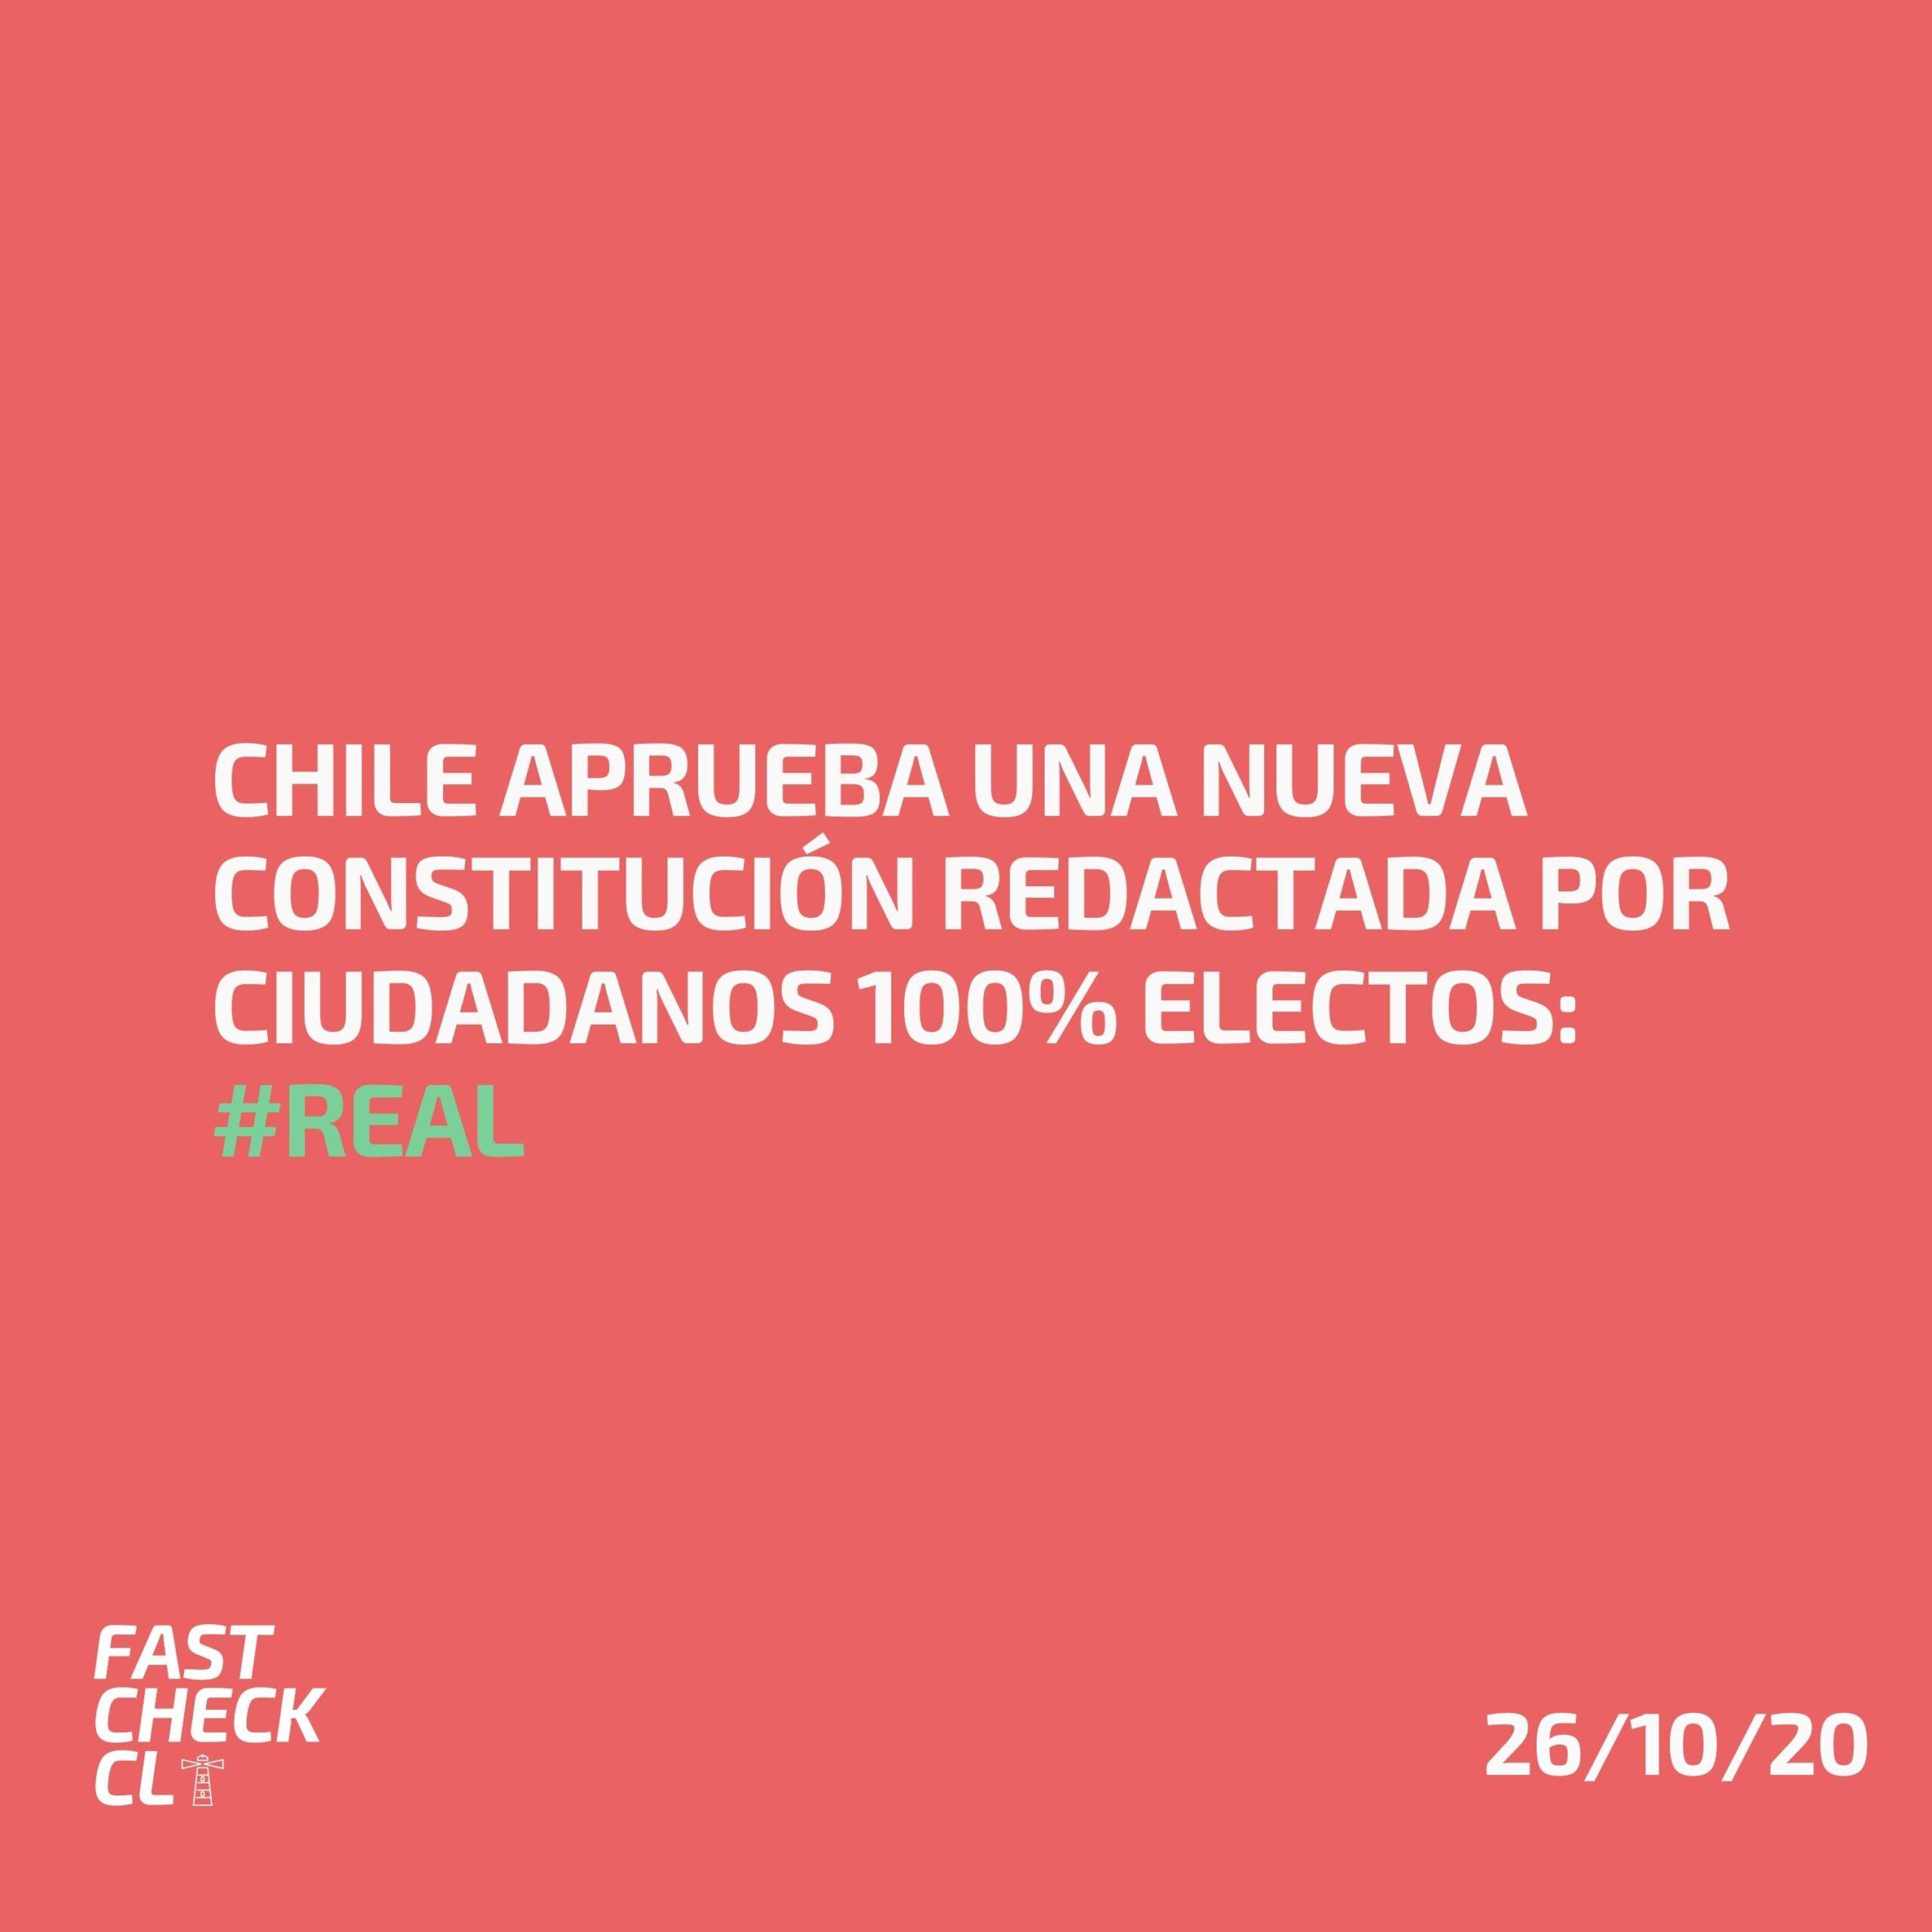 Chile aprueba una Nueva Constitución redactada por ciudadanos 100% electos: #Real